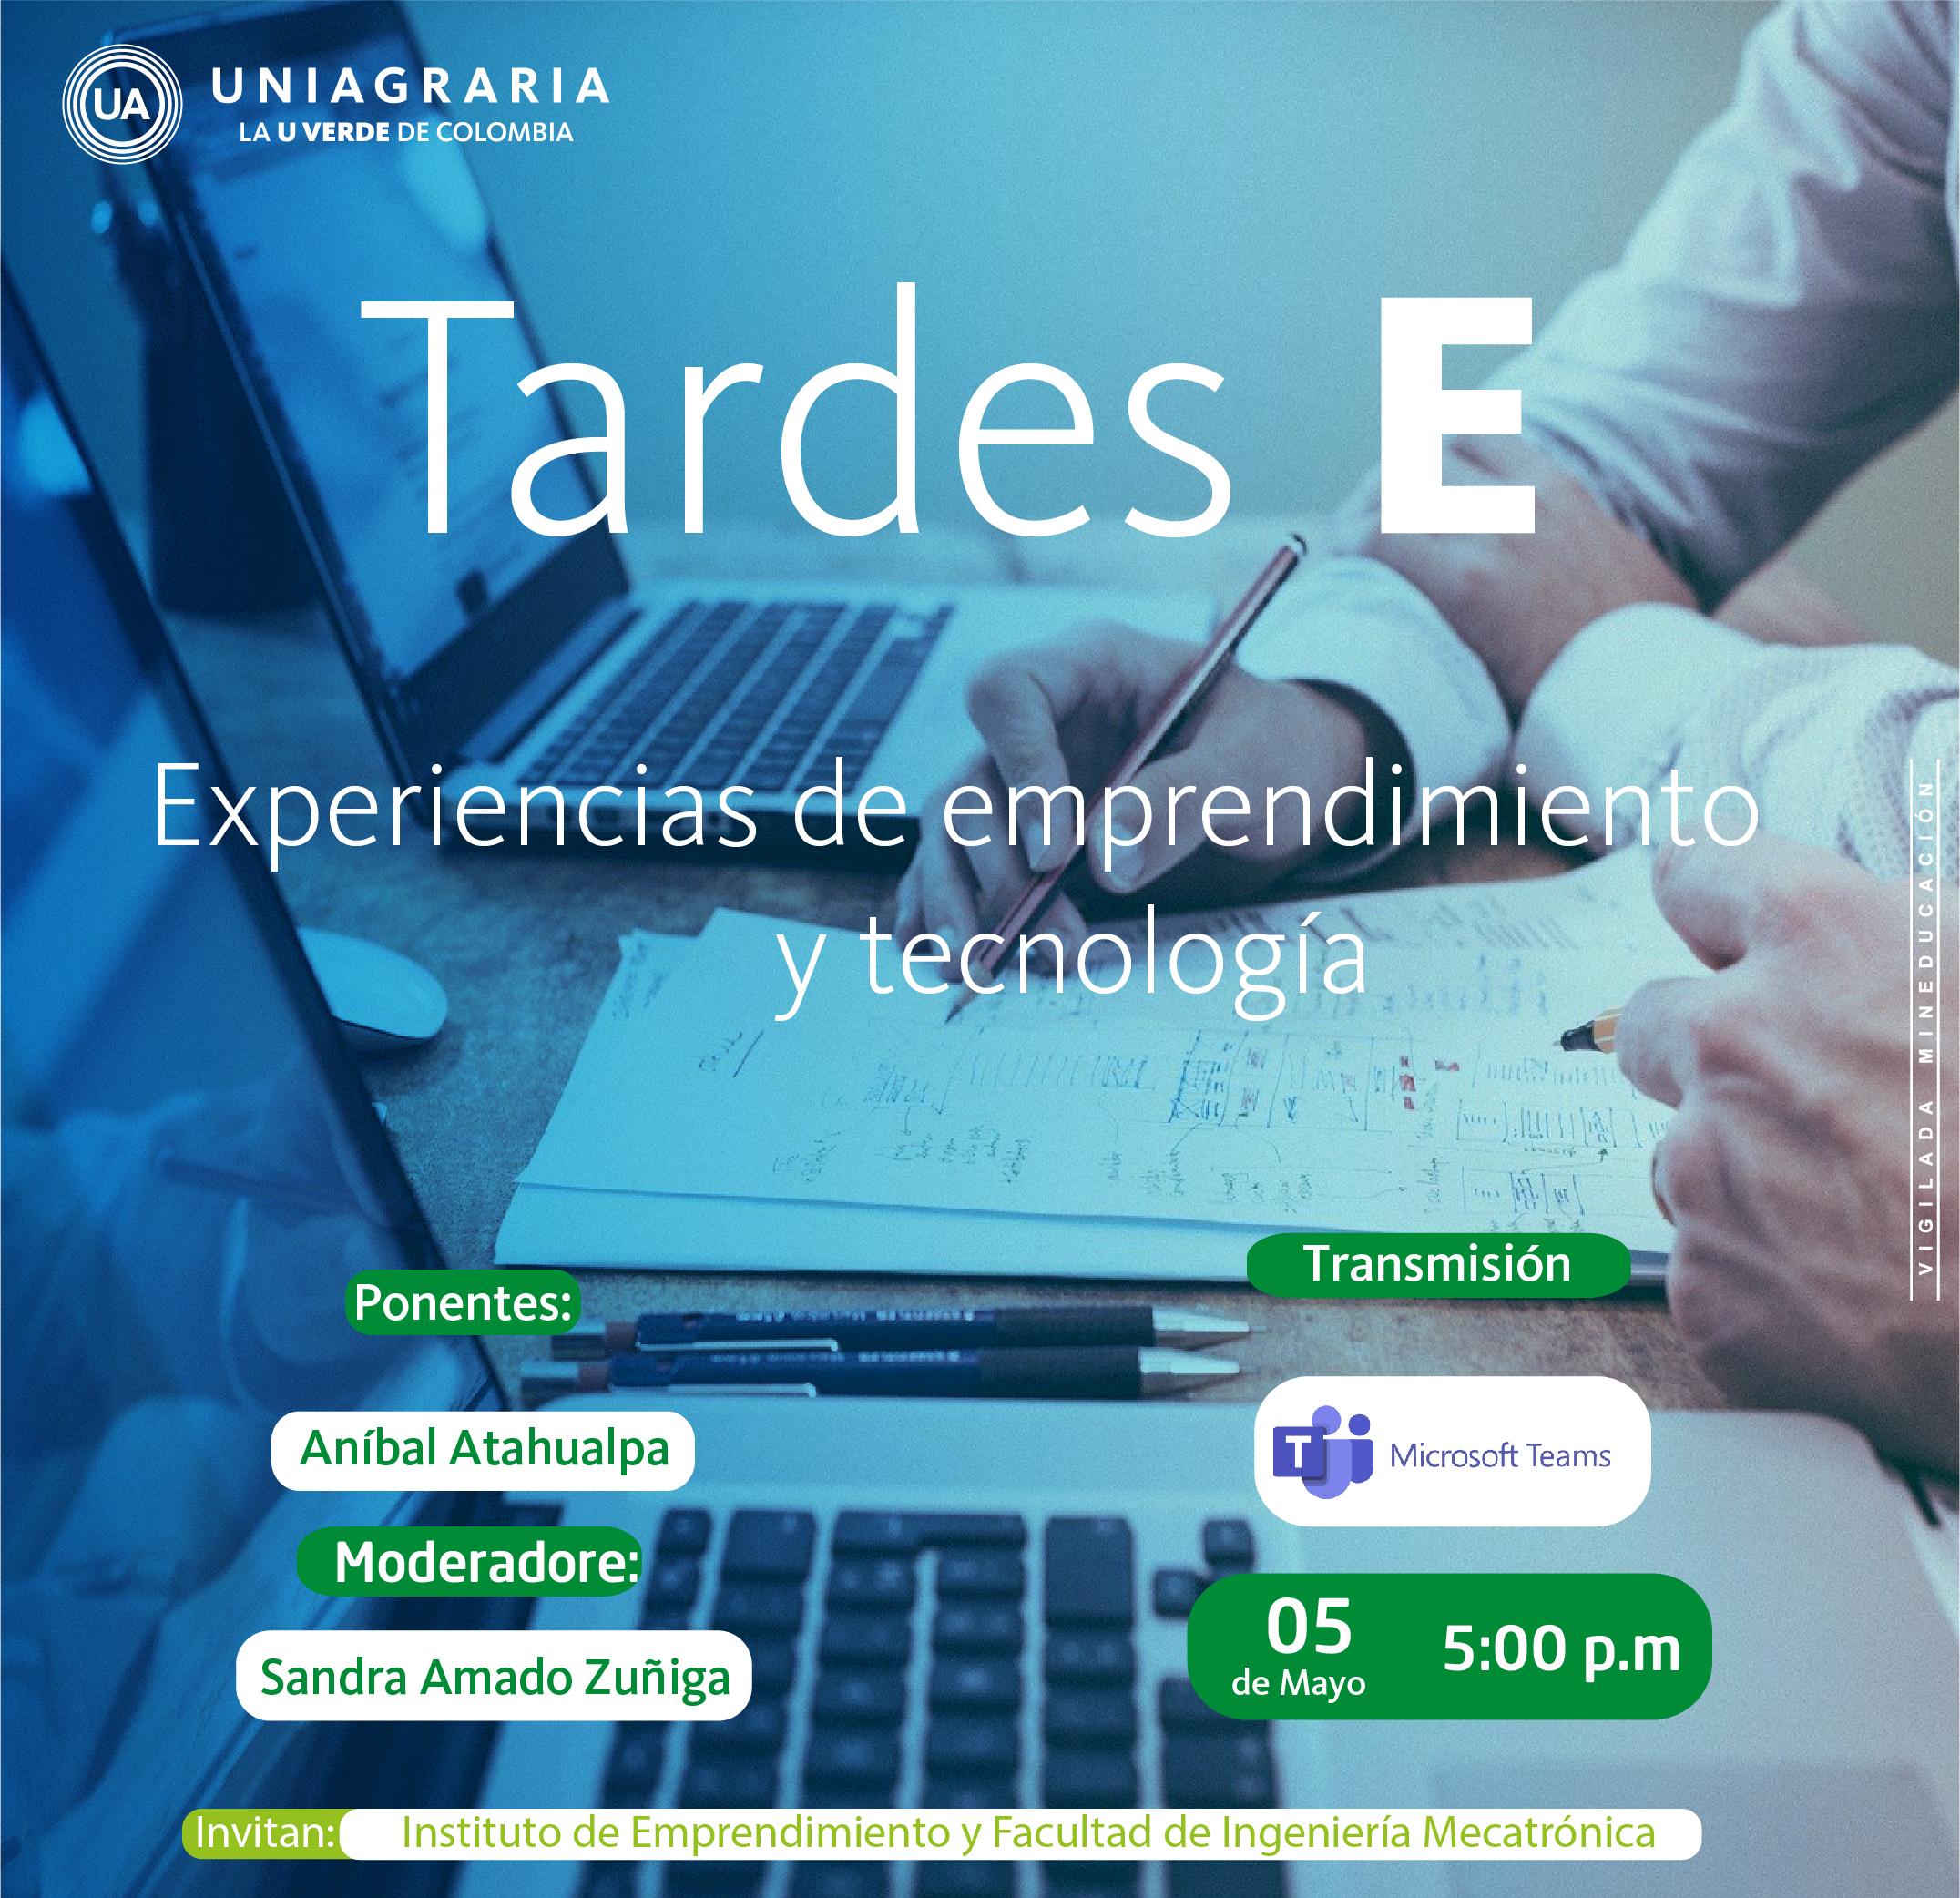 Tardes E: Experiencias de emprendimiento y tecnología